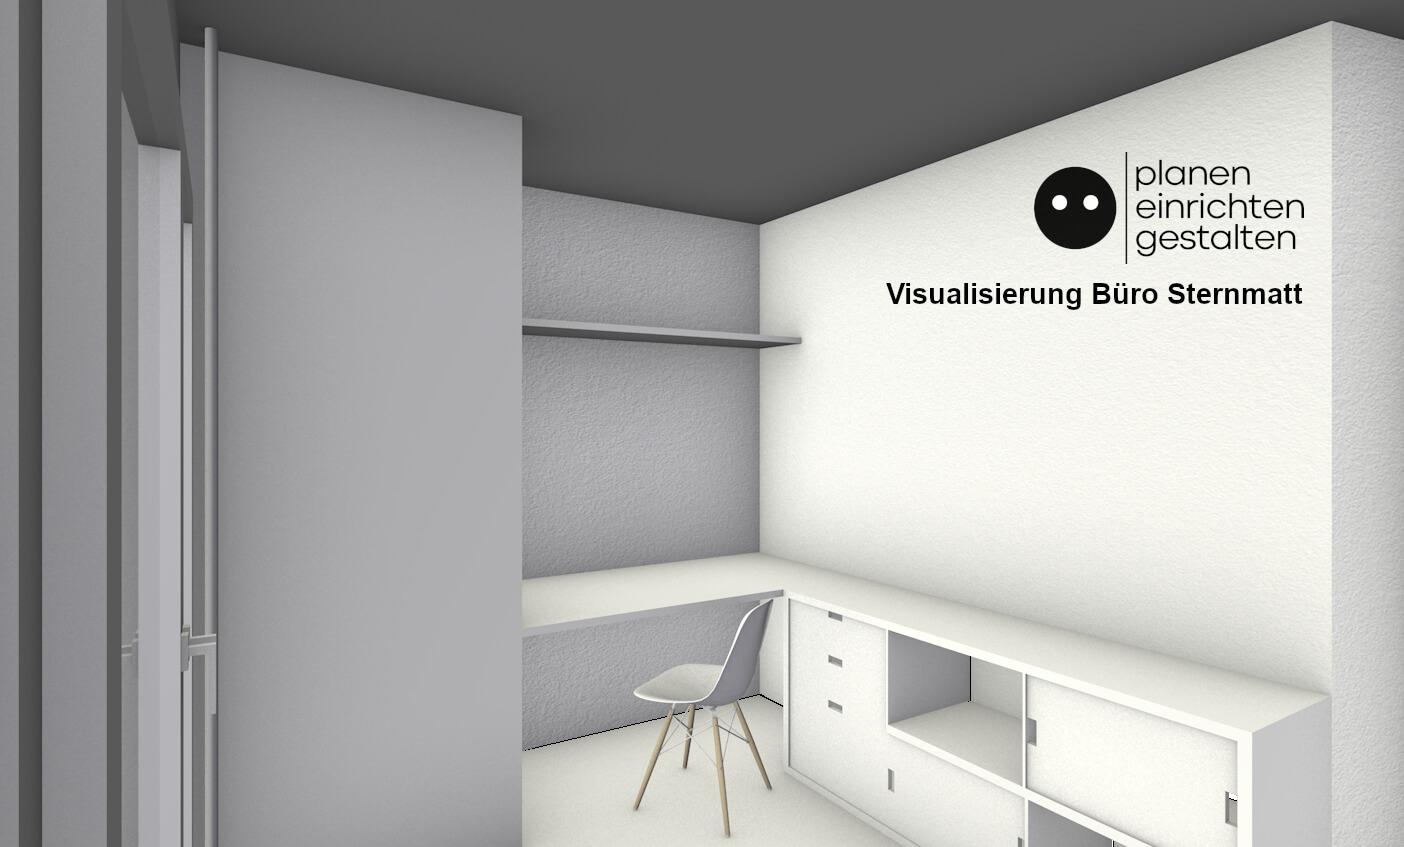 Visualisierung des neuen Büros. Die Ansicht zeigt auf der linken Seite den neuen Raumhohen Schrank, in der Mitte die Arbeitsfläche und den Vitra Eames Stuhl und auf der rechten Seite das neue Regal mit Schubladen und verschiebbaren Verblendungen.